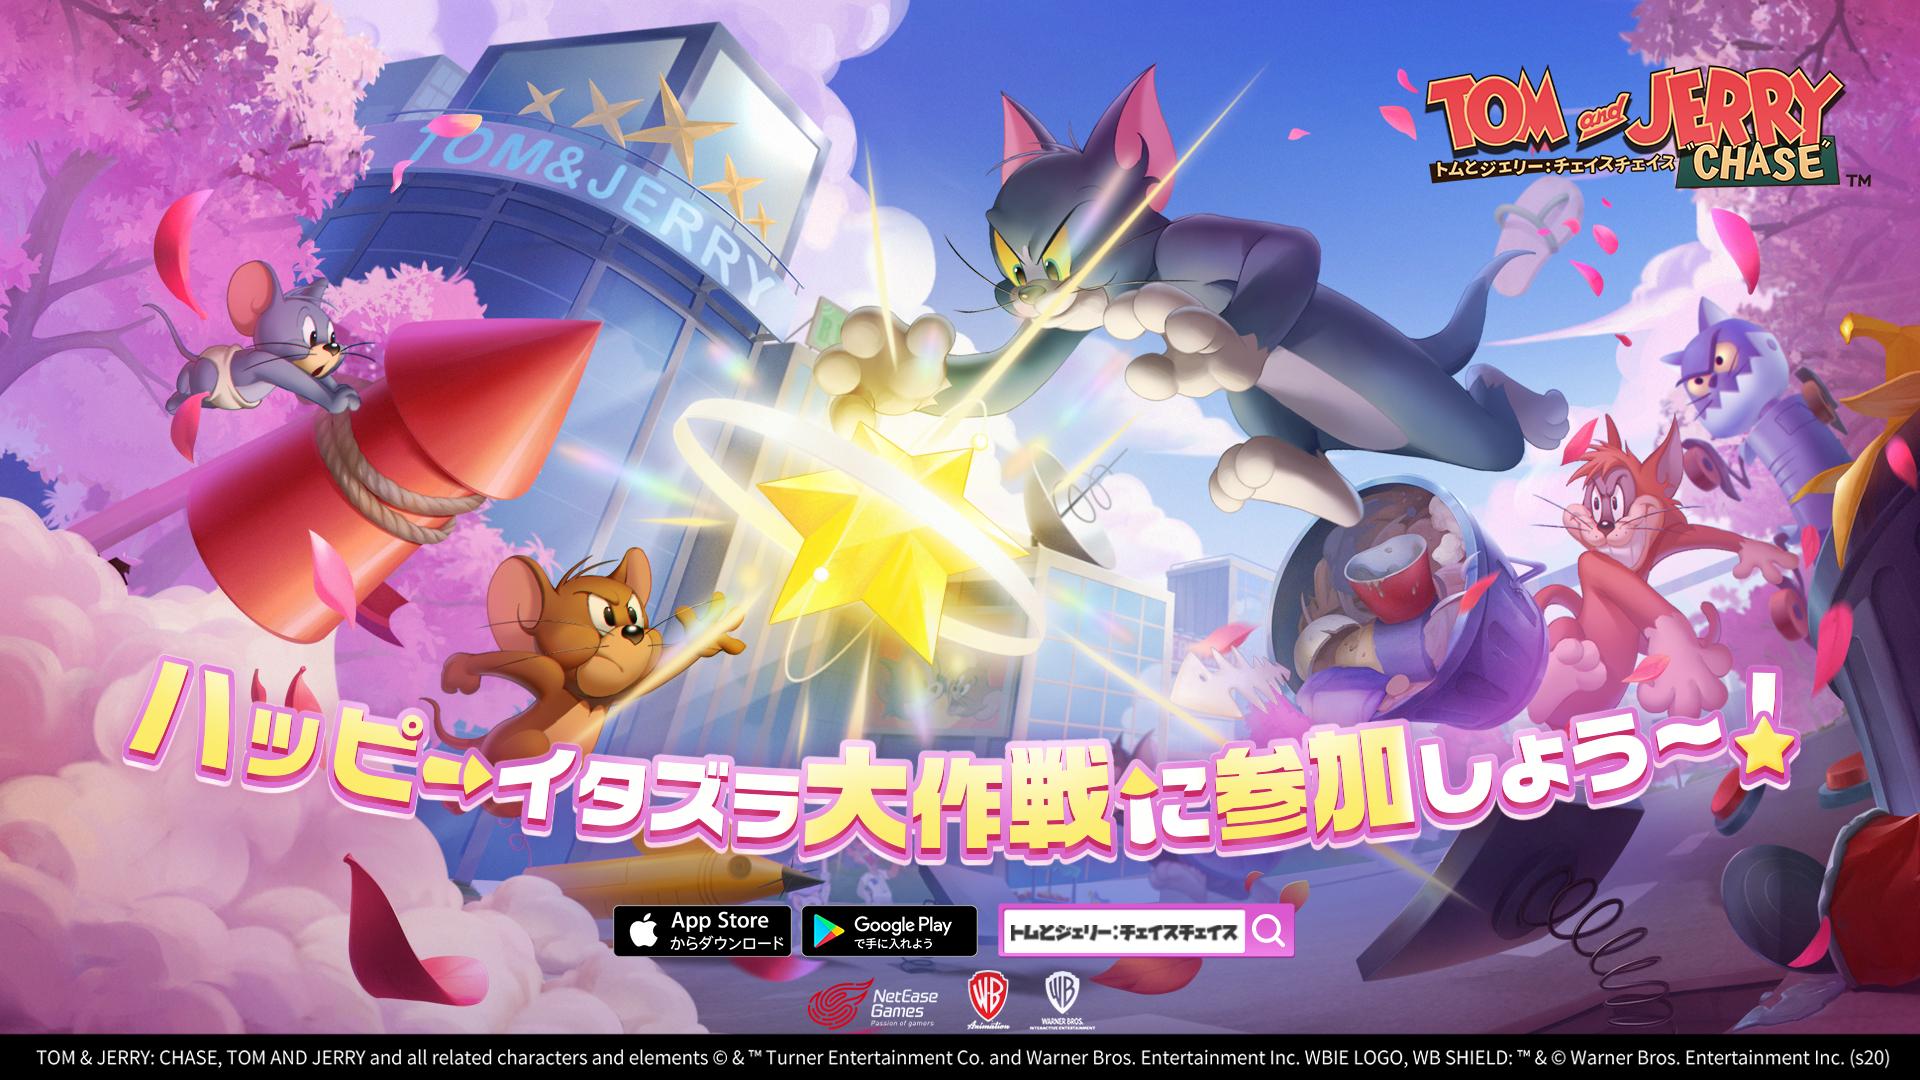 「トムとジェリー:チェイスチェイス」日本正式サービス開始! 新コンテンツ、豊富なボーナスが同時登場!